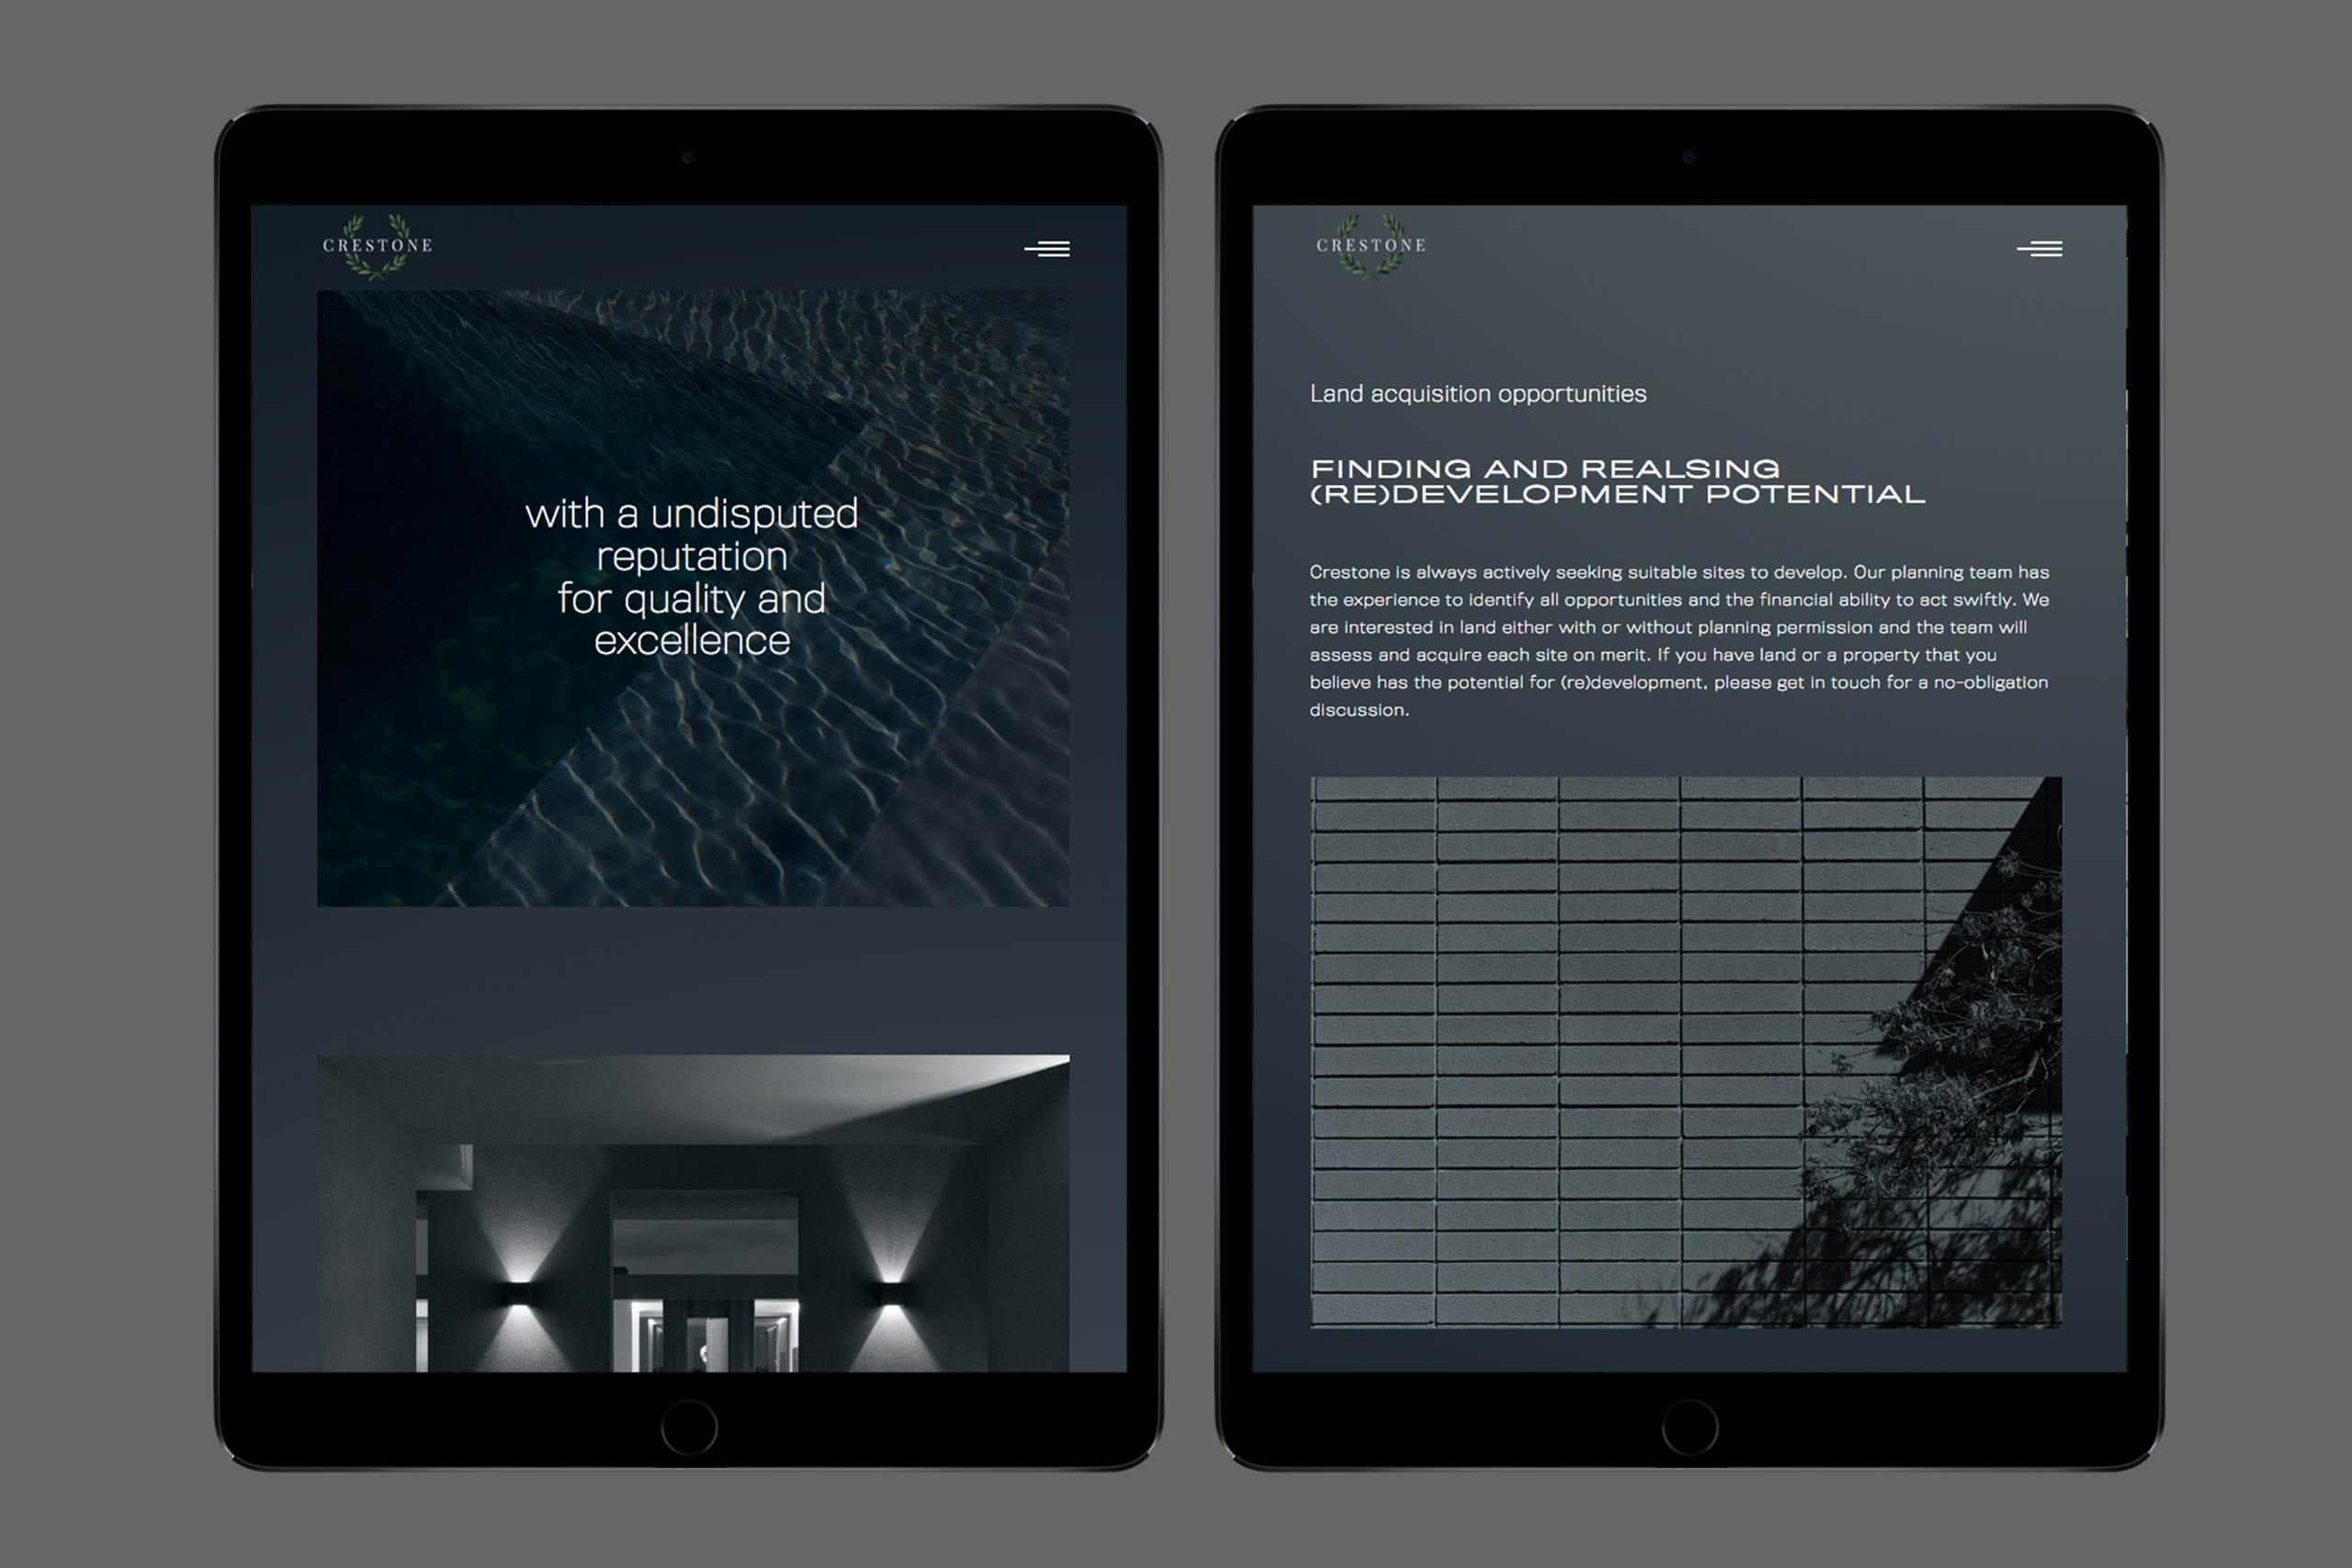 Crestone Property marketing website design on tablets